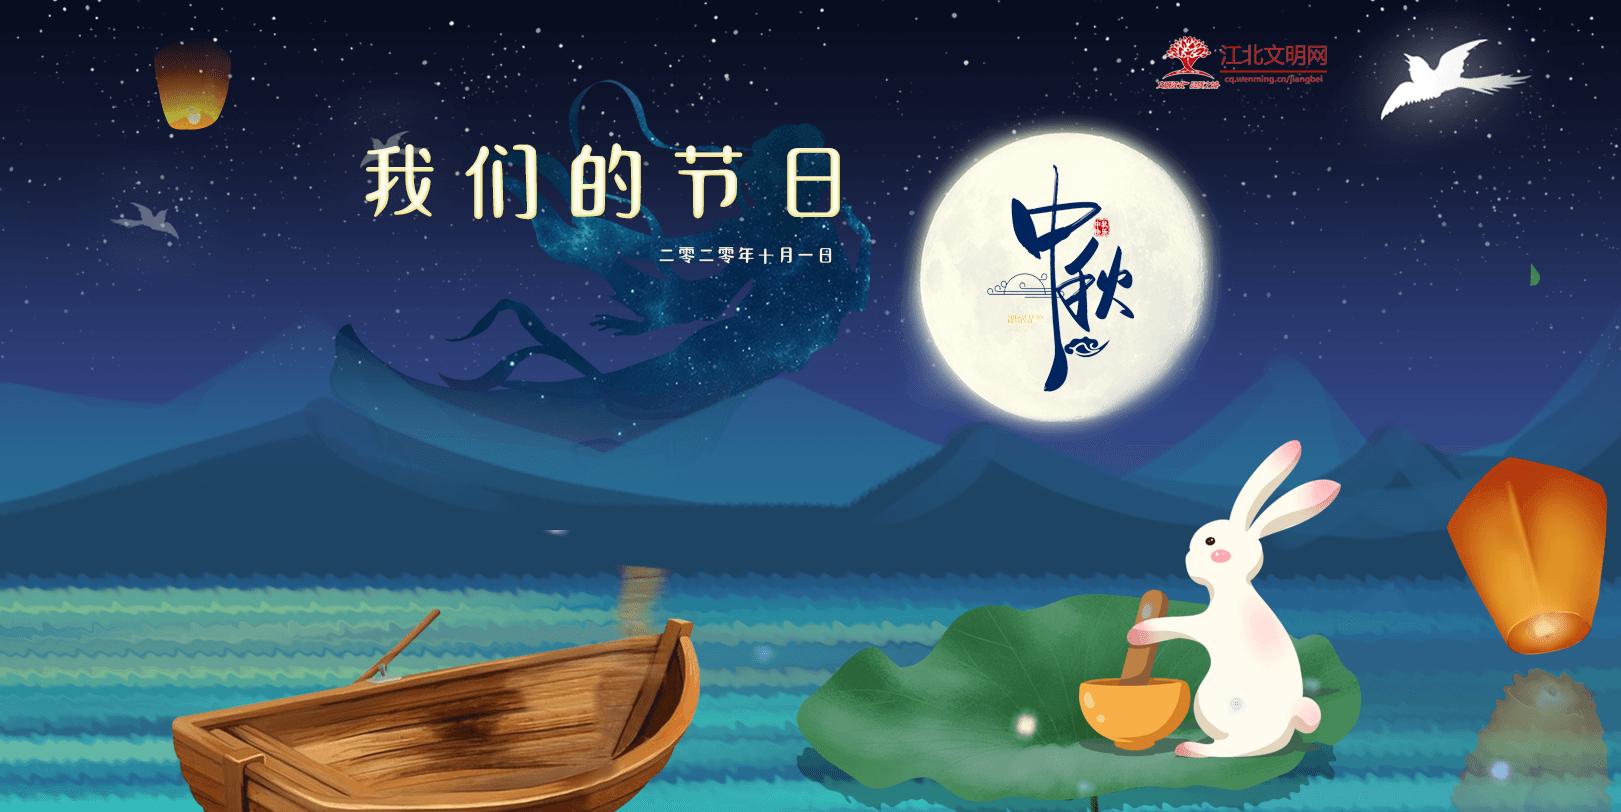 中秋banner.png